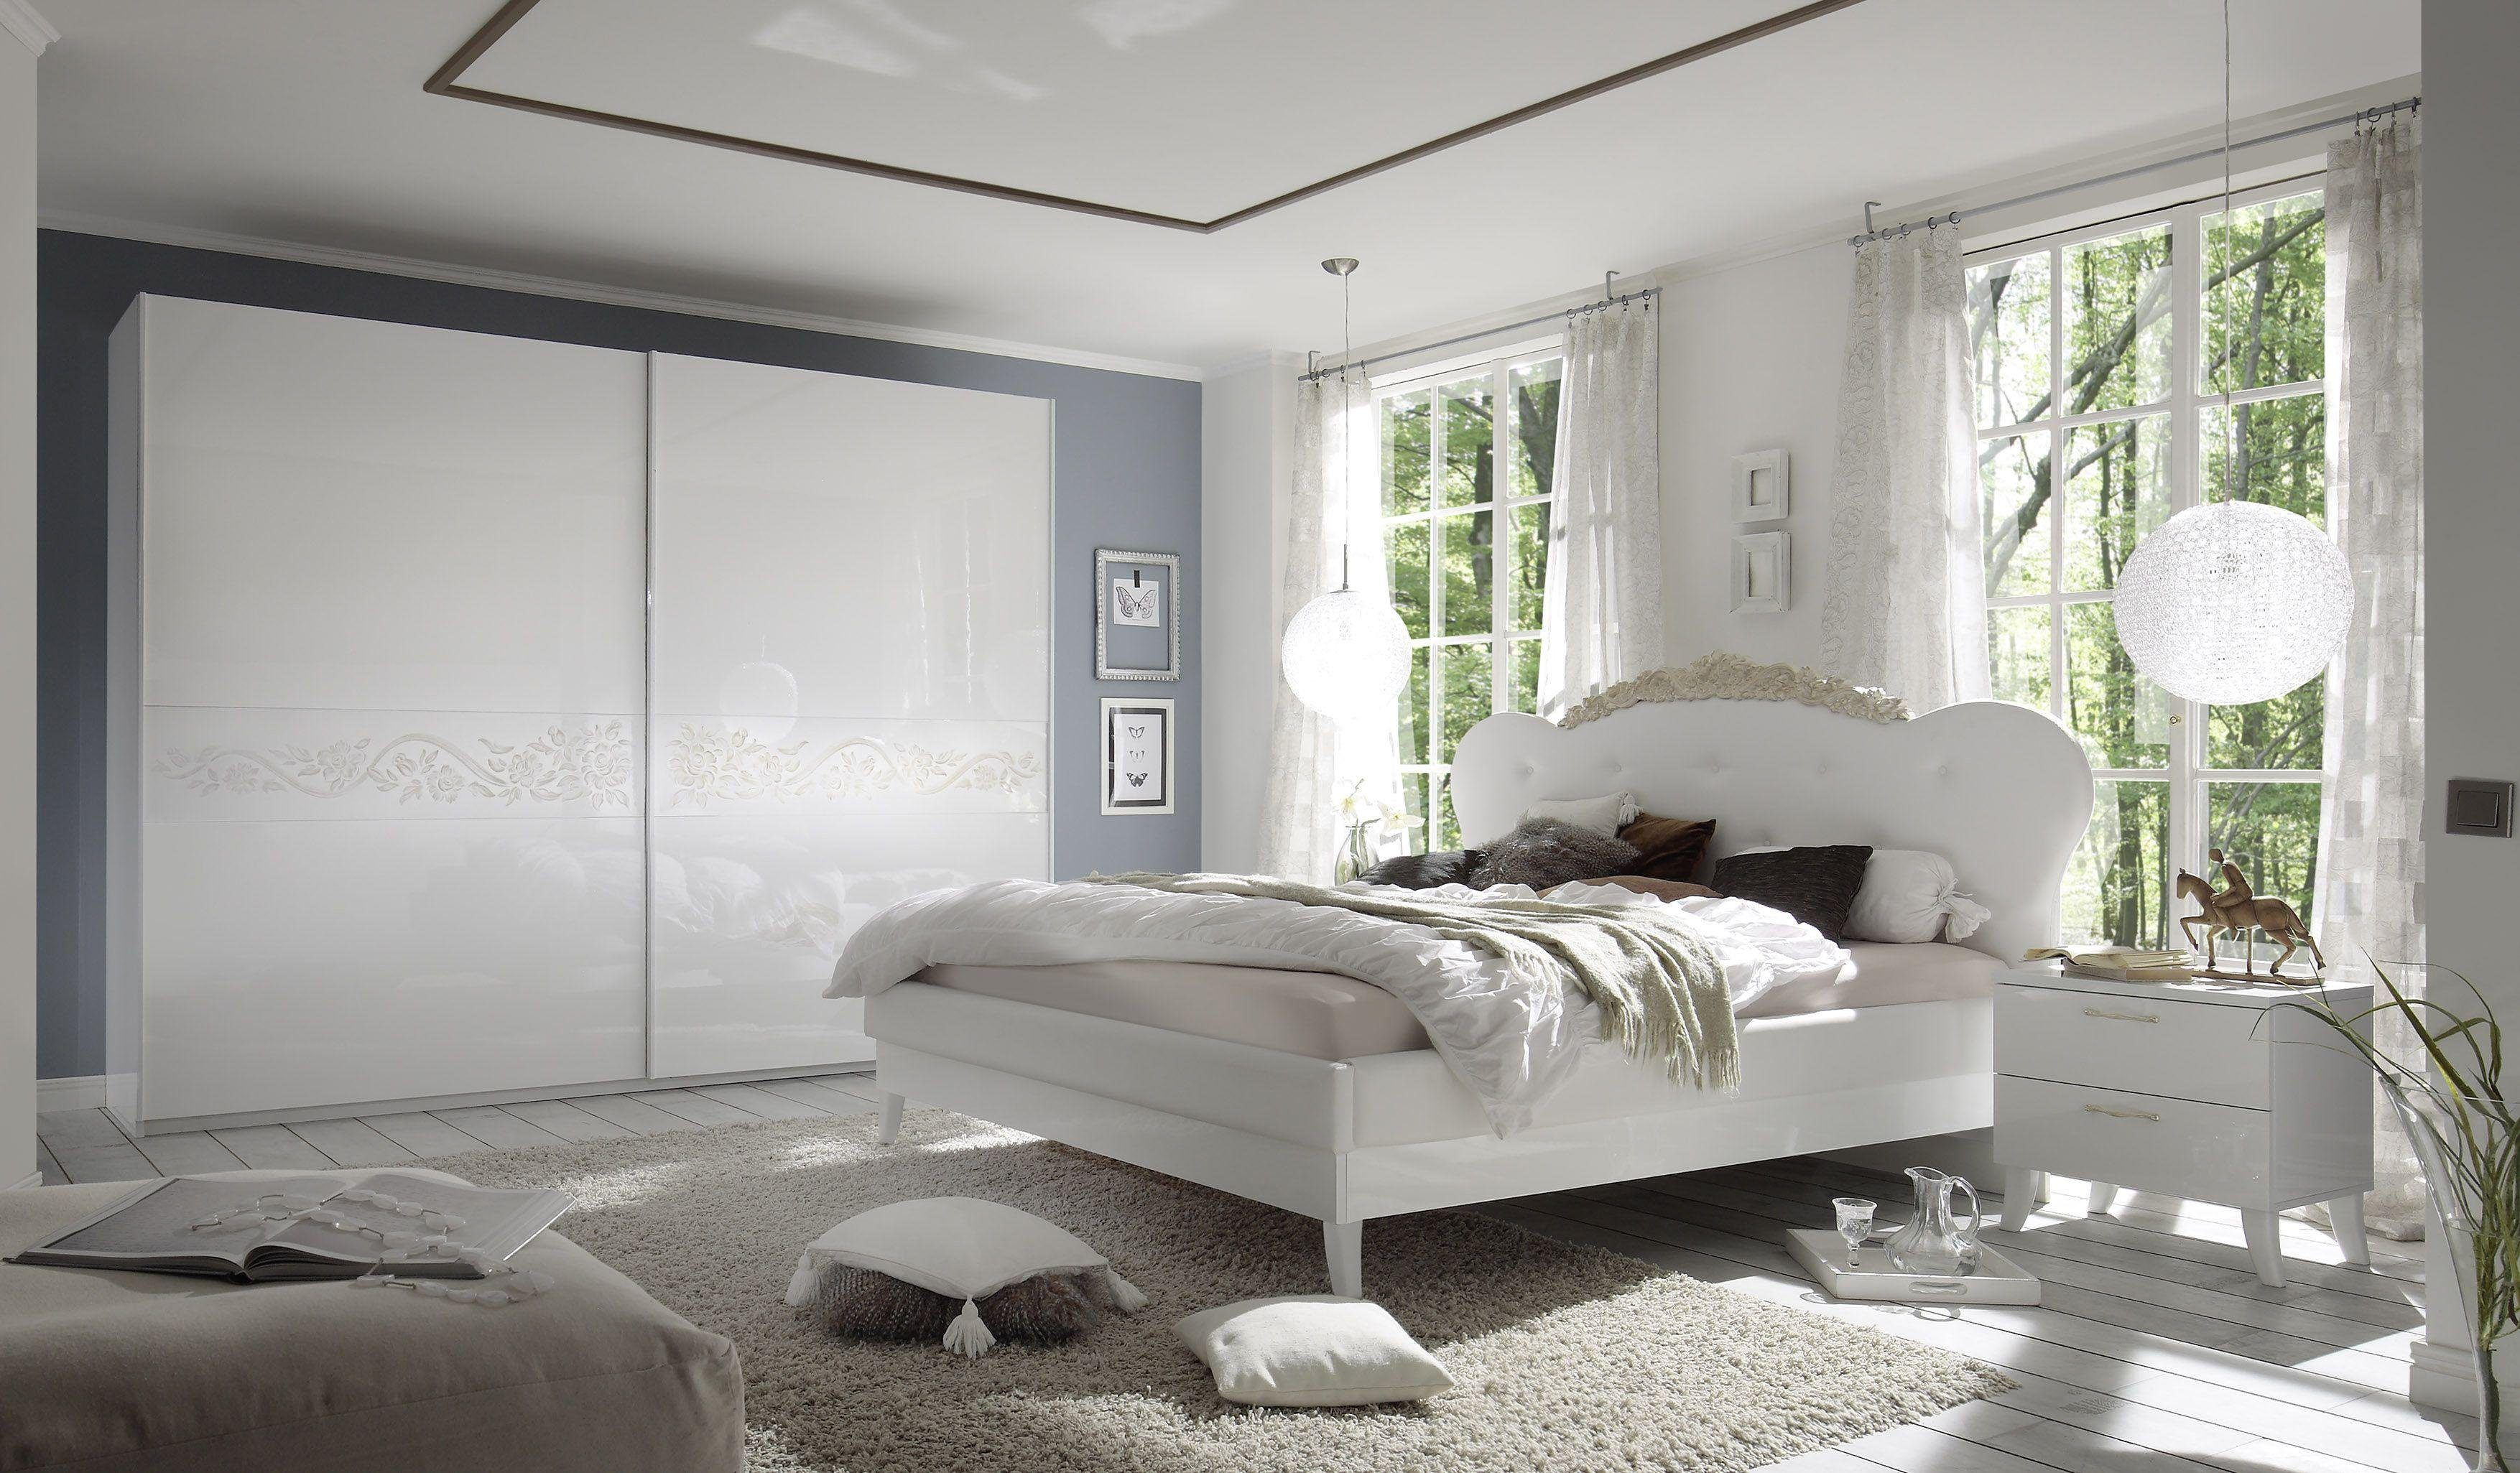 Inspirierend Schlafzimmer Komplett Kaufen Ideen